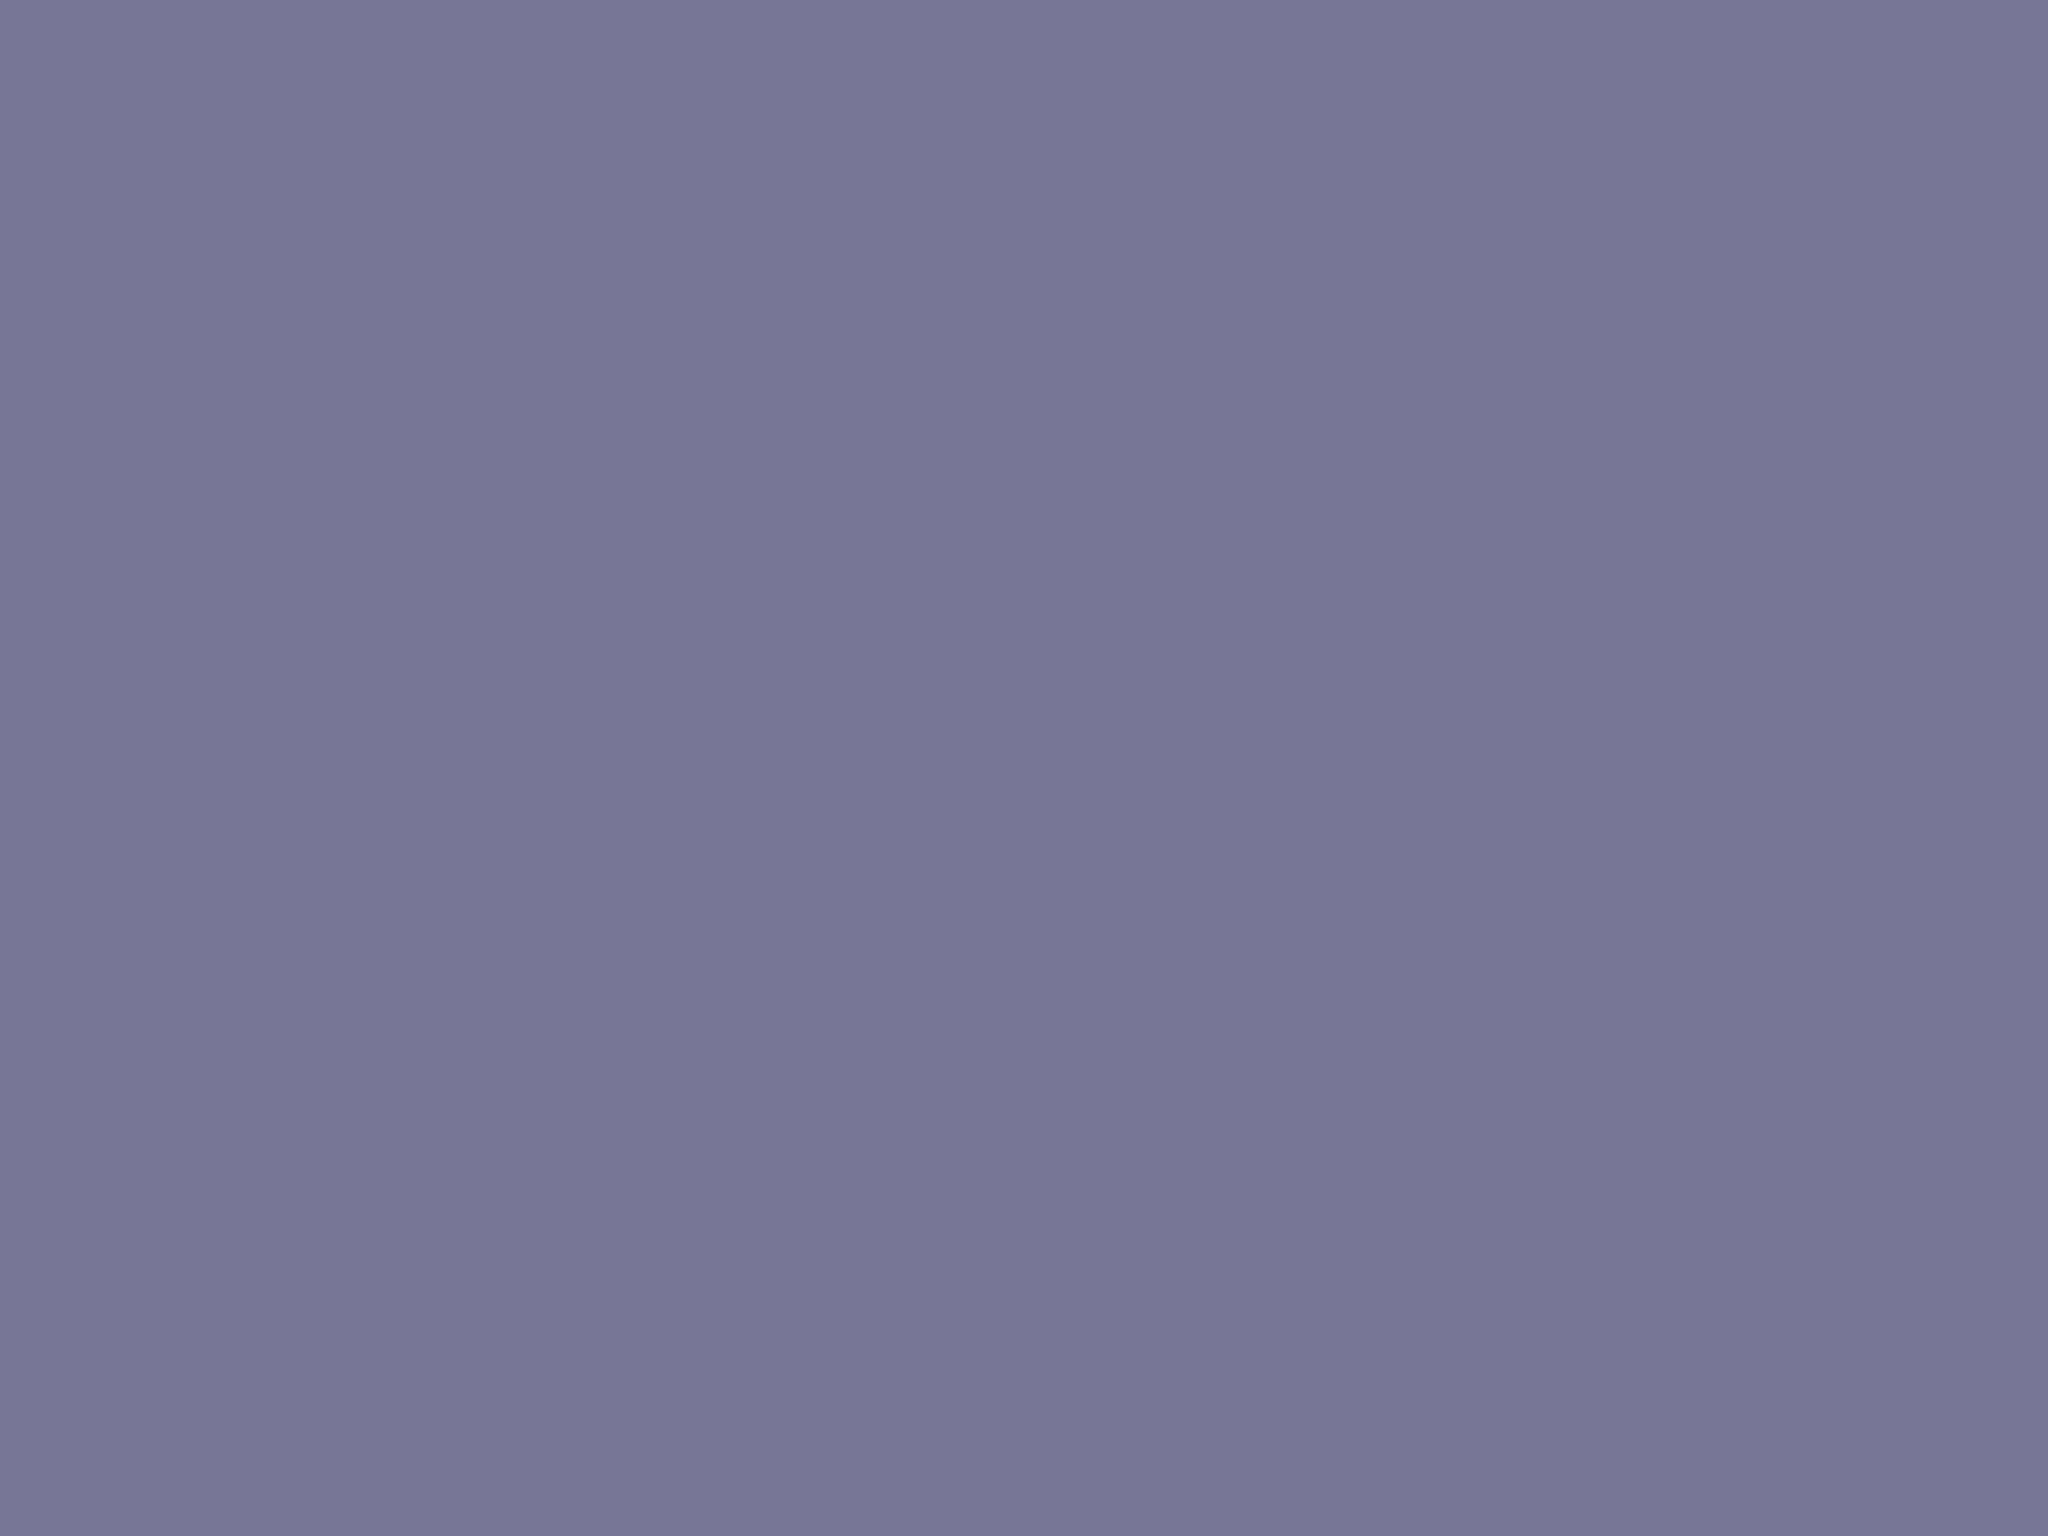 2048x1536 Rhythm Solid Color Background